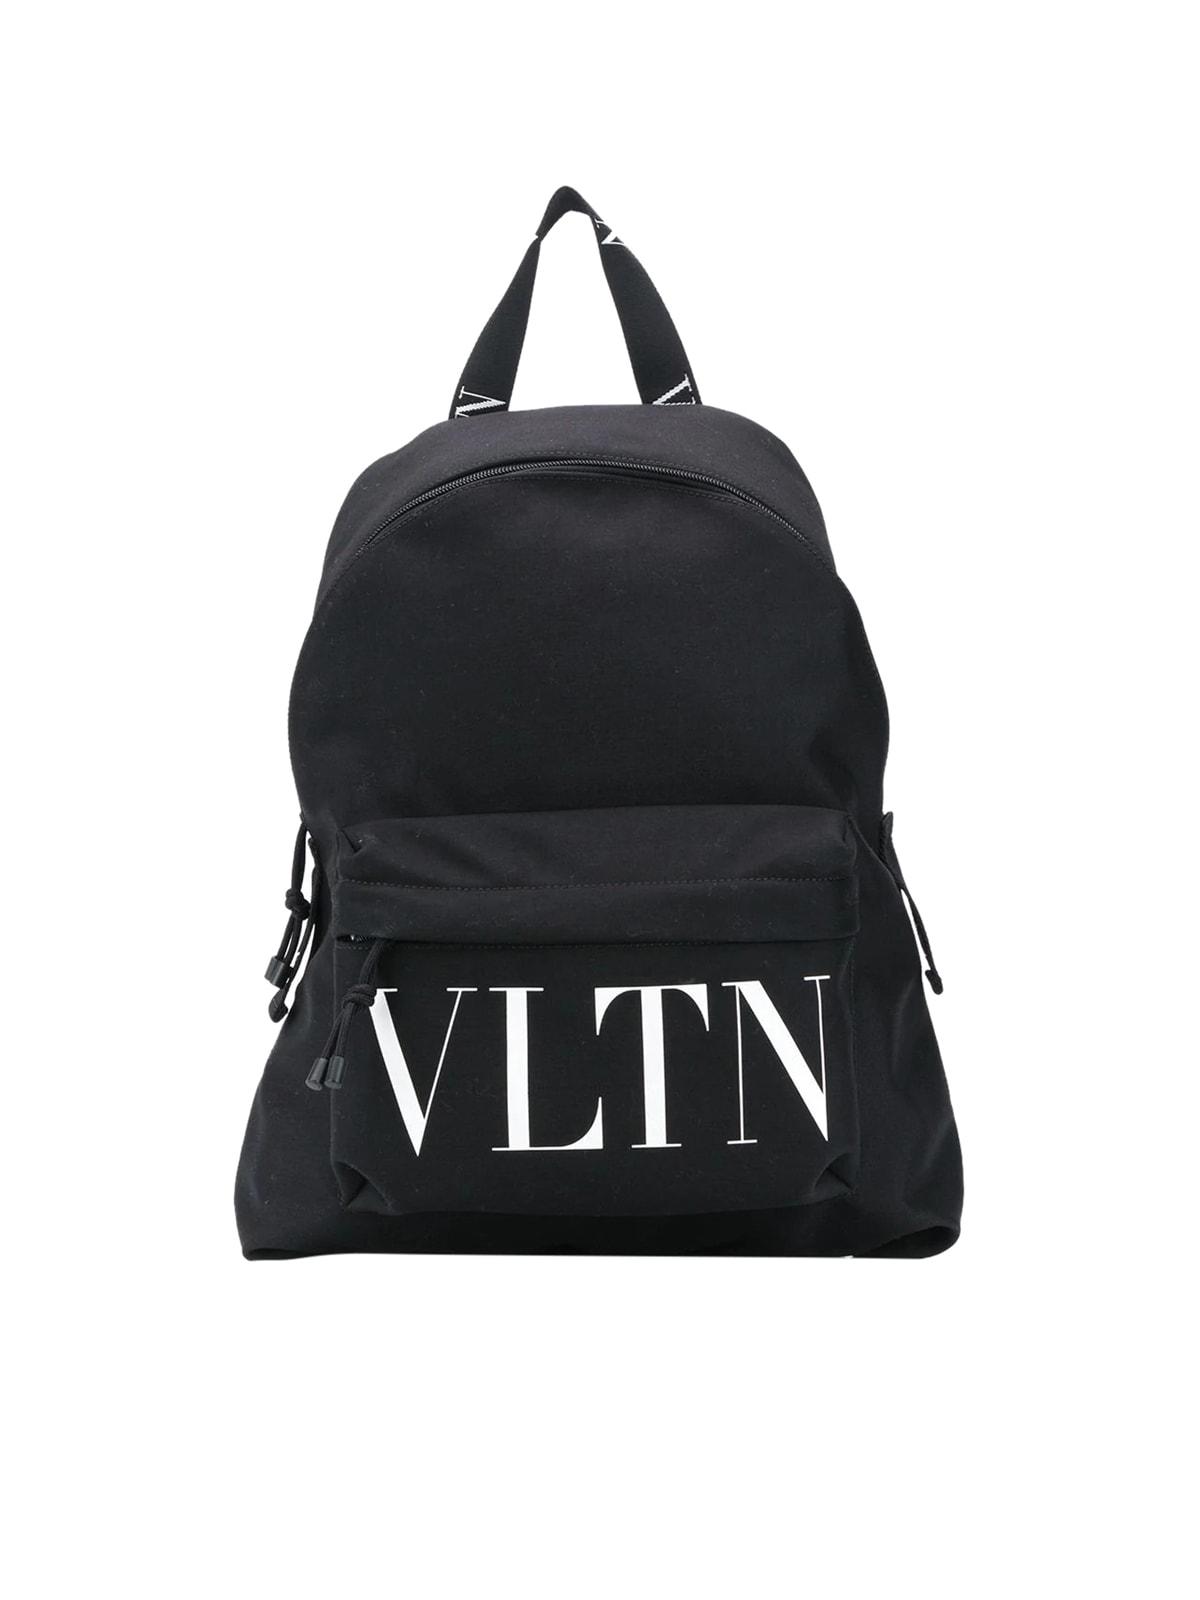 Valentino Vltn Backpacks